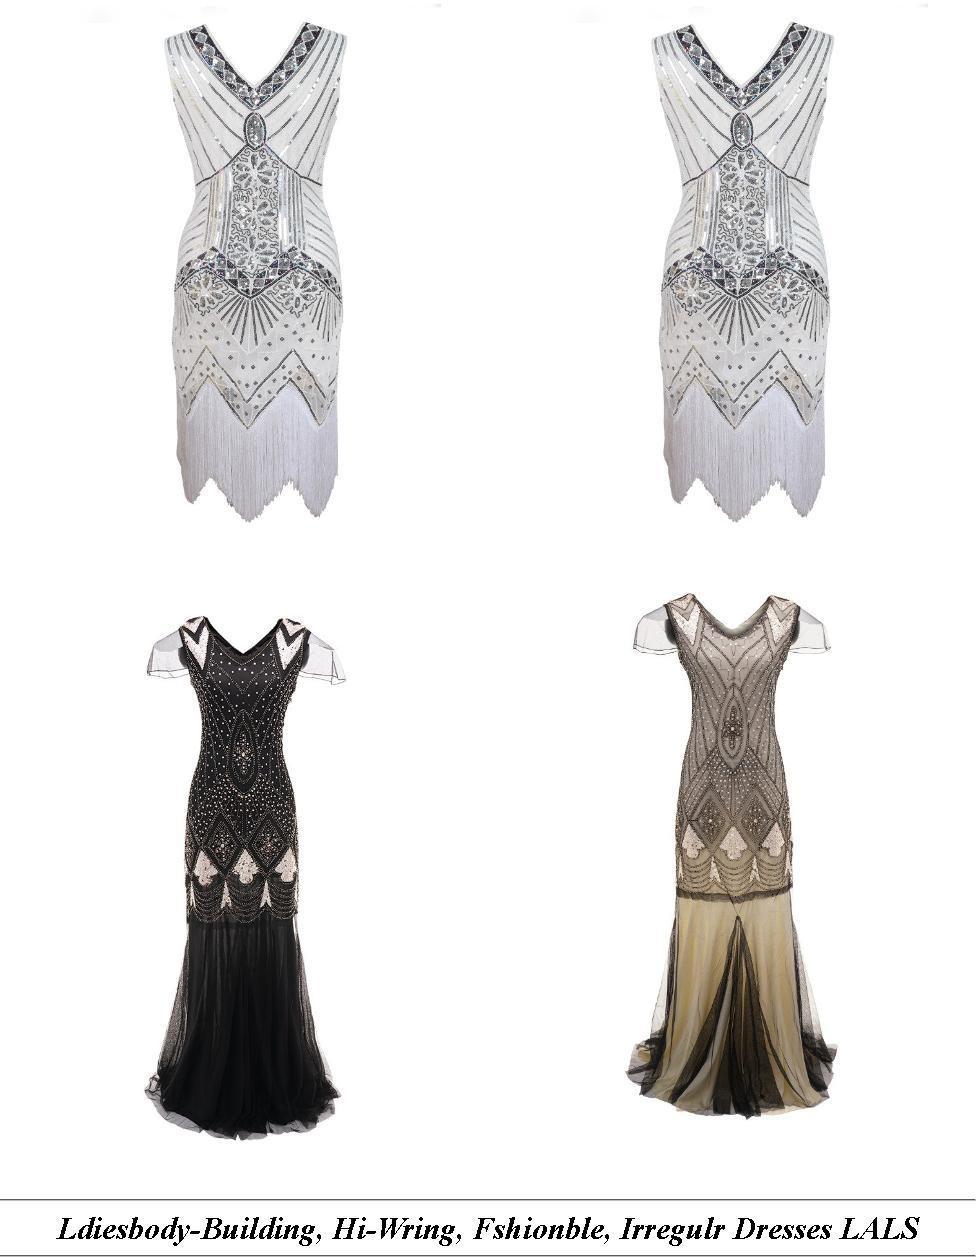 Cheap Cocktail Dresses Risane - Vintage Clothing Spain - Teal Color Dresses Plus Size